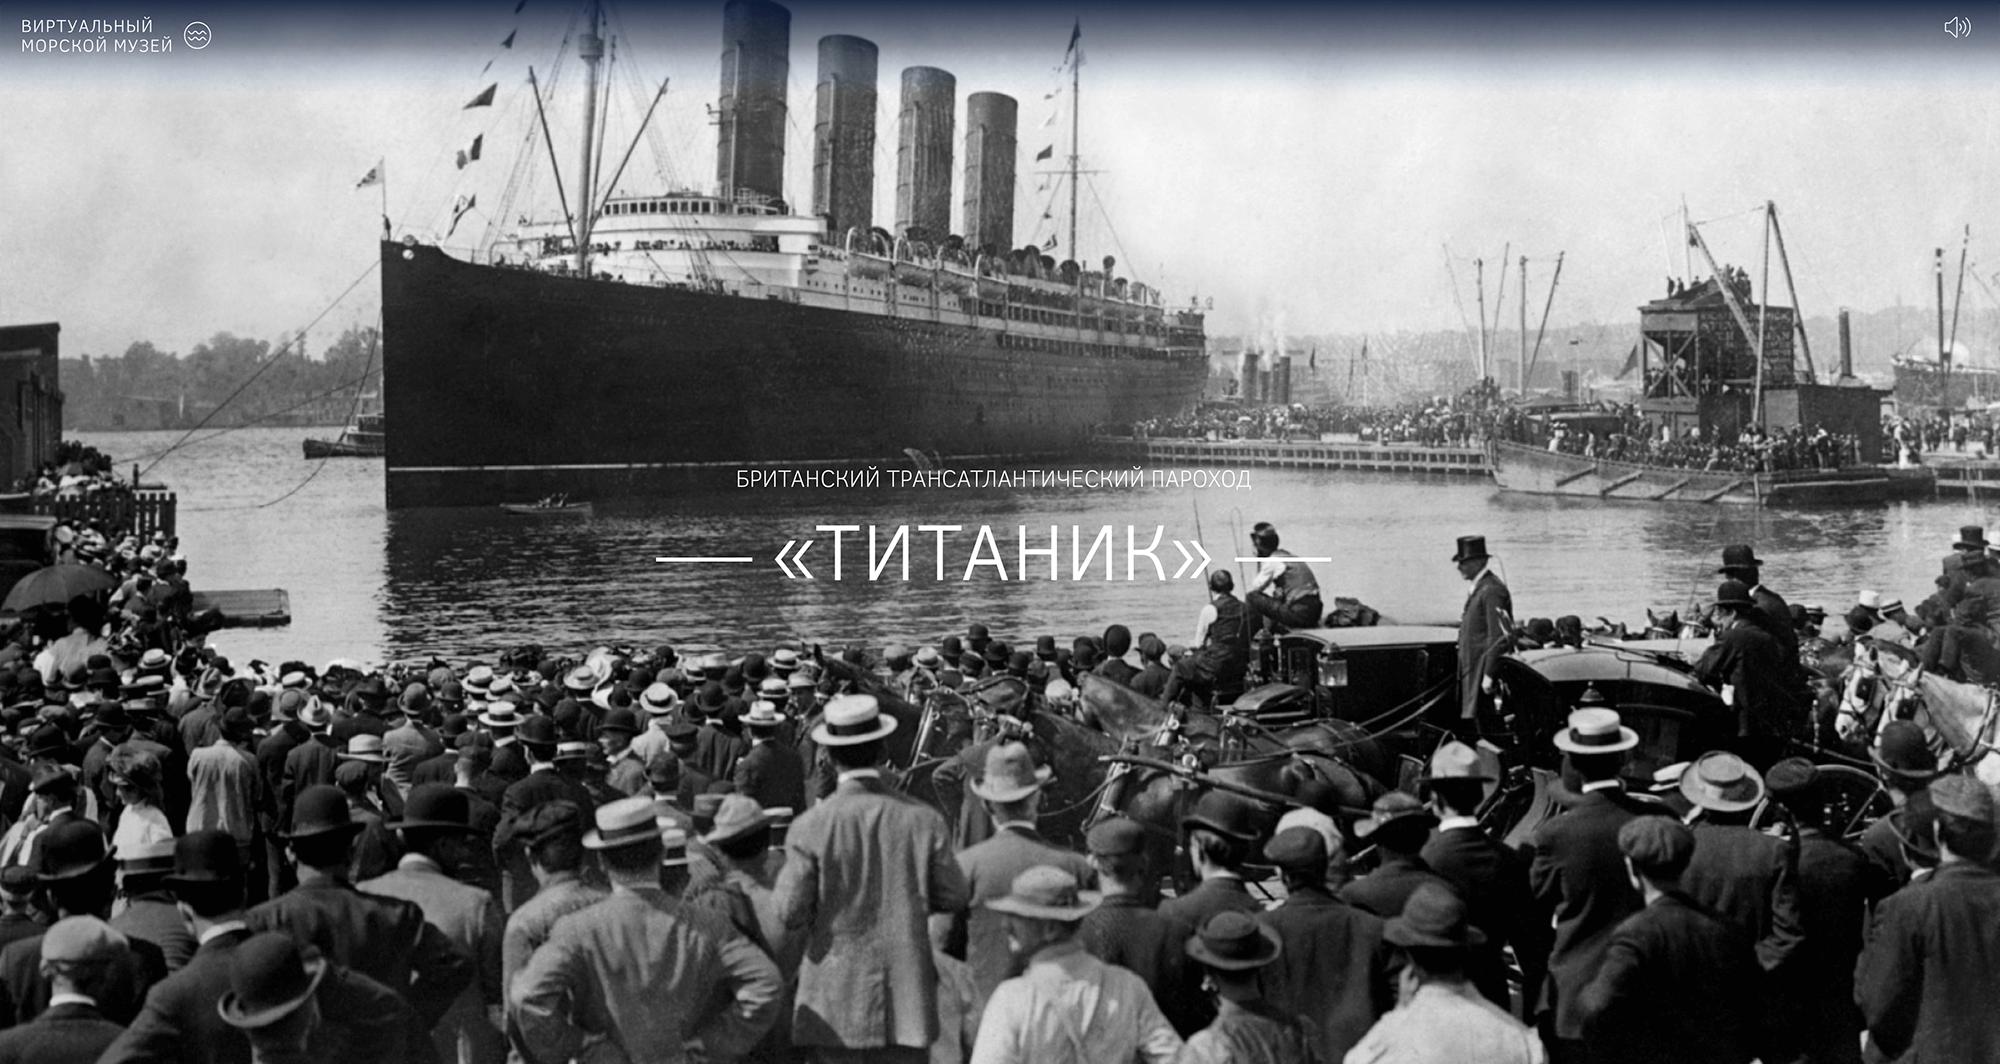 Одна из виртуальных экскурсий рассказывает о крушении круизного лайнера «Титаник»